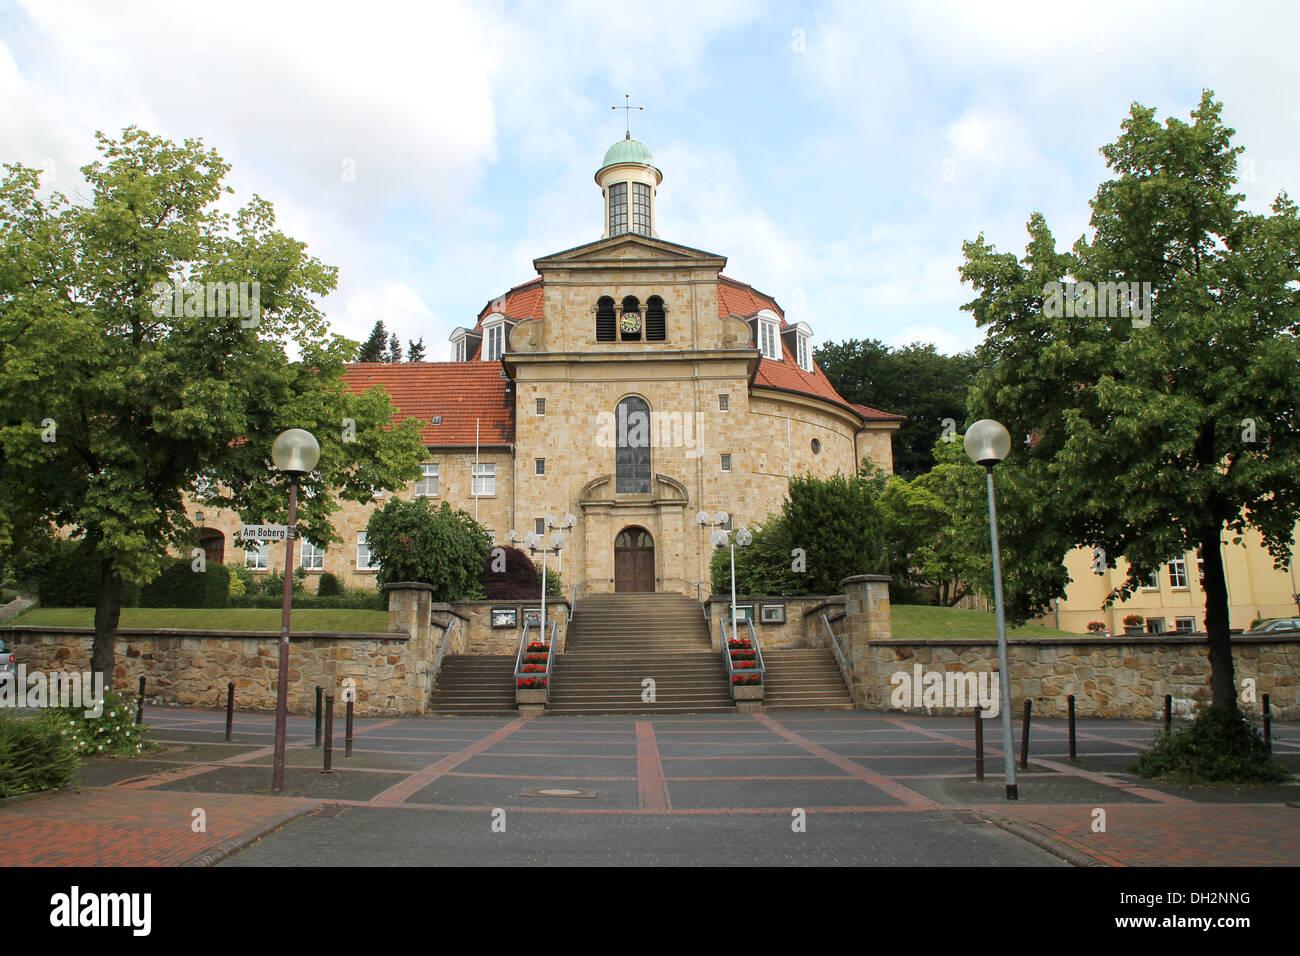 Kloster Ohrbeck Stockbild